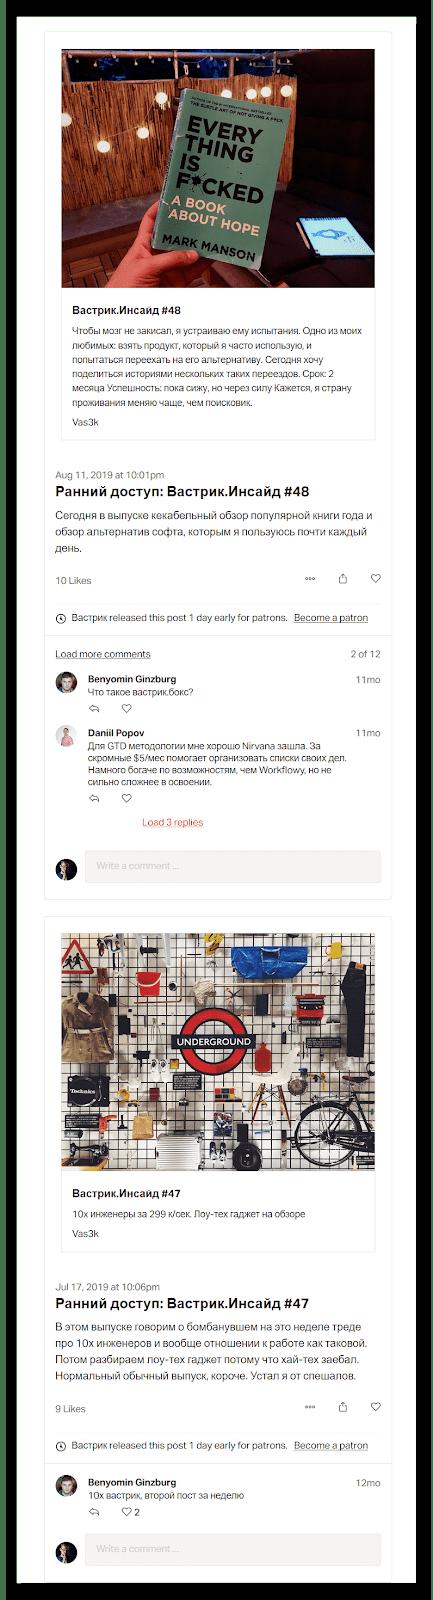 На Patreon рассылка появлялась на день раньше, чем на почте у подписчиков